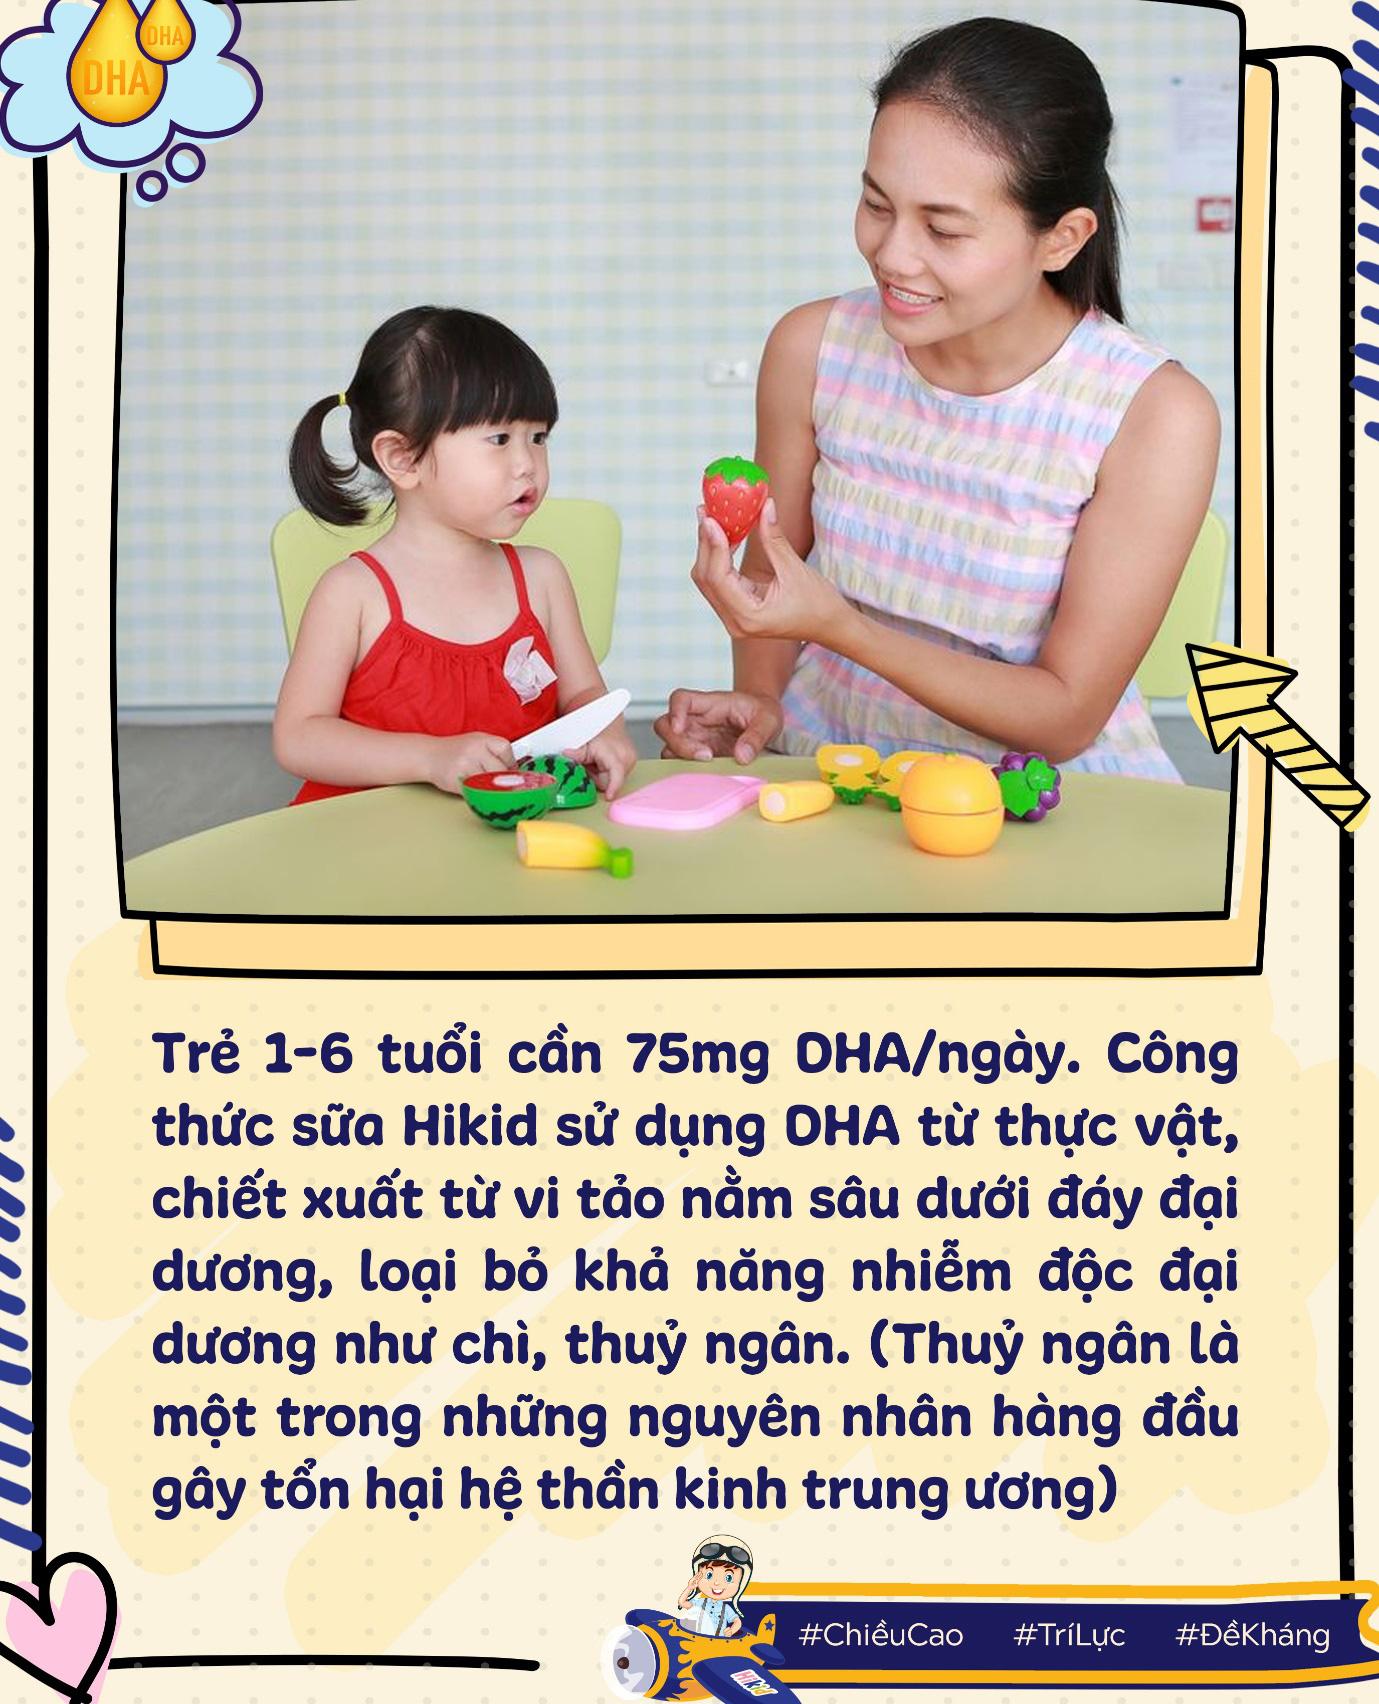 Muốn con có nền tảng trí lực nhạy bén, mẹ đừng bỏ quên dưỡng chất đặc biệt quan trọng sau - Ảnh 2.